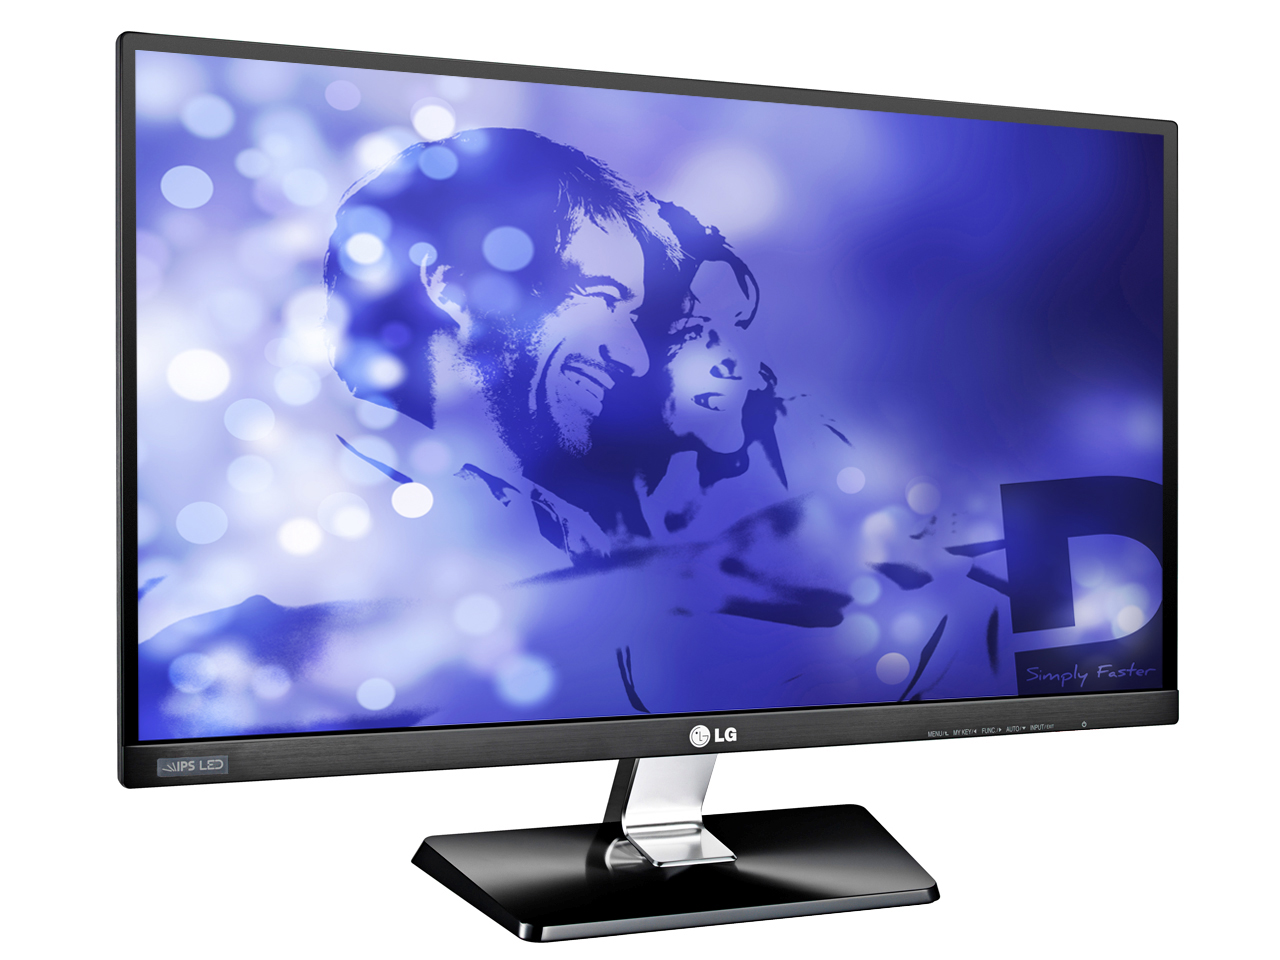 lg ips237l led monitor 23 hdmi ips panel h ndler rechnung teildefekt 17674 ebay. Black Bedroom Furniture Sets. Home Design Ideas